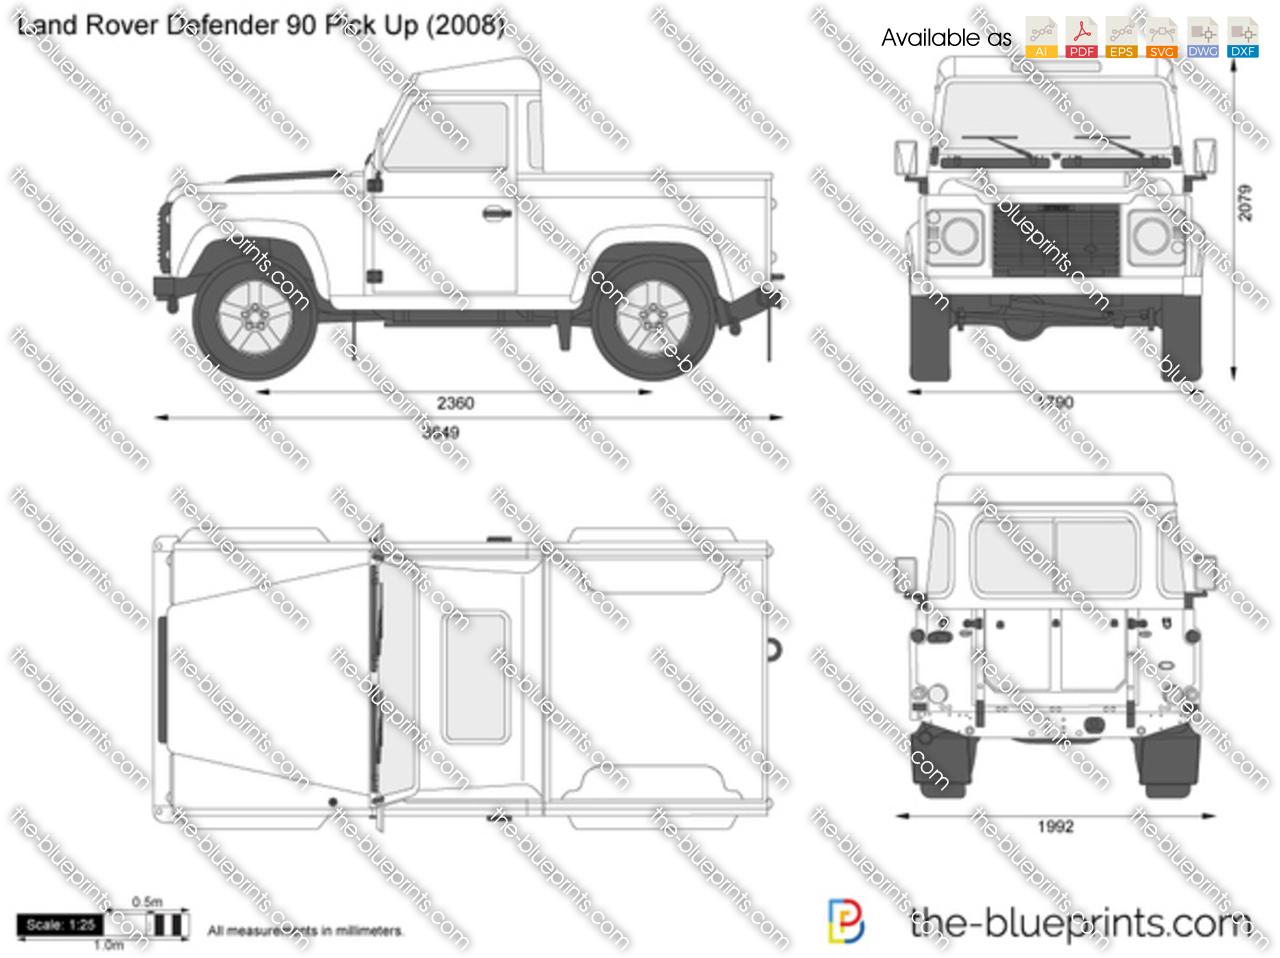 Land Rover Defender 90 Pick Up 1990